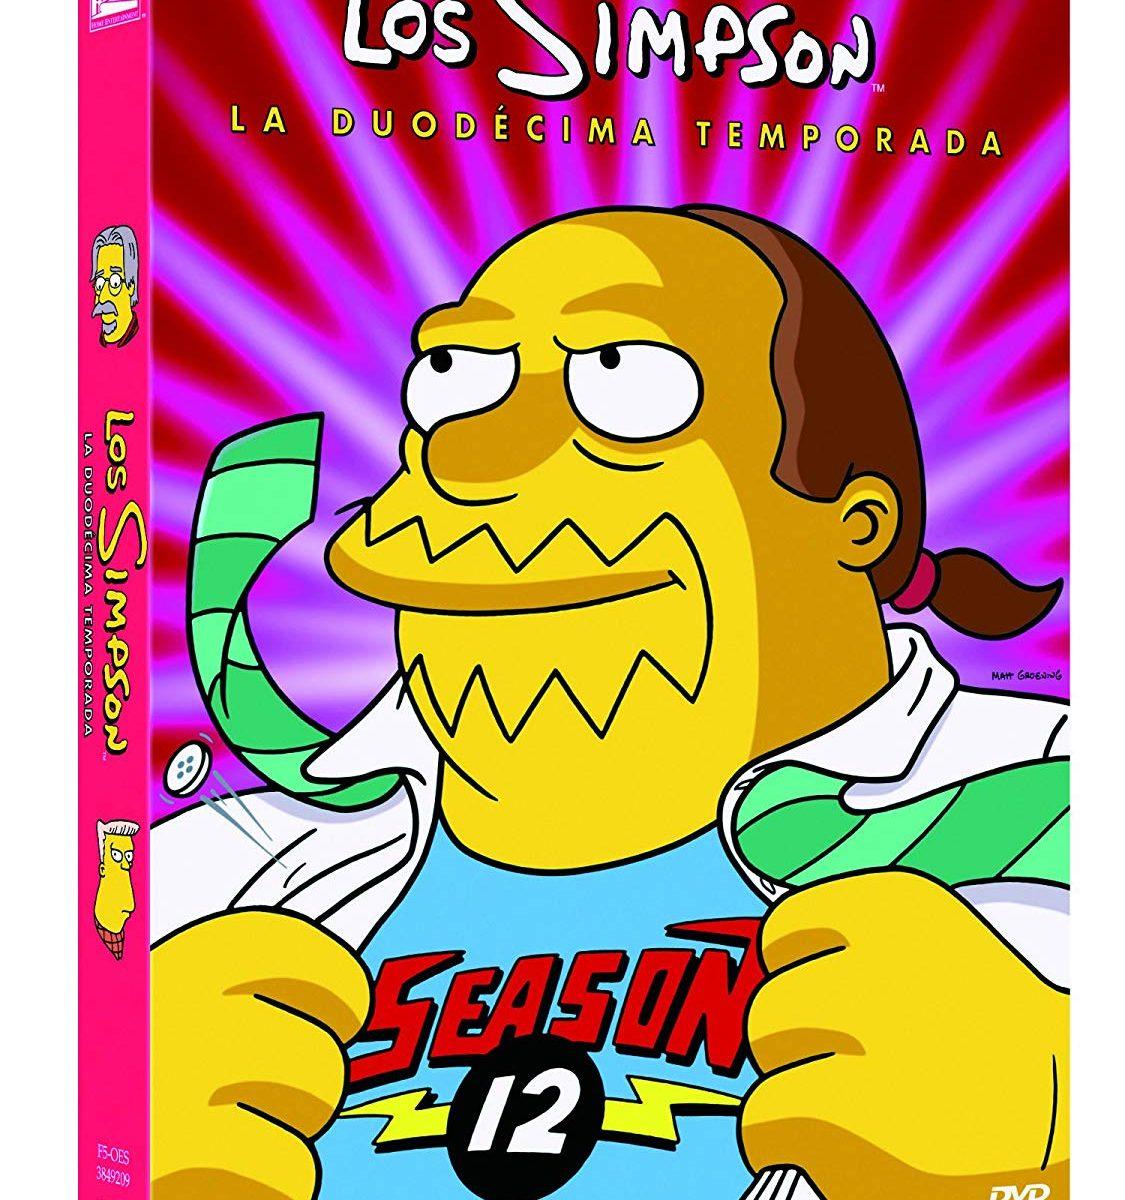 comprar temporada 12 de los simpsons